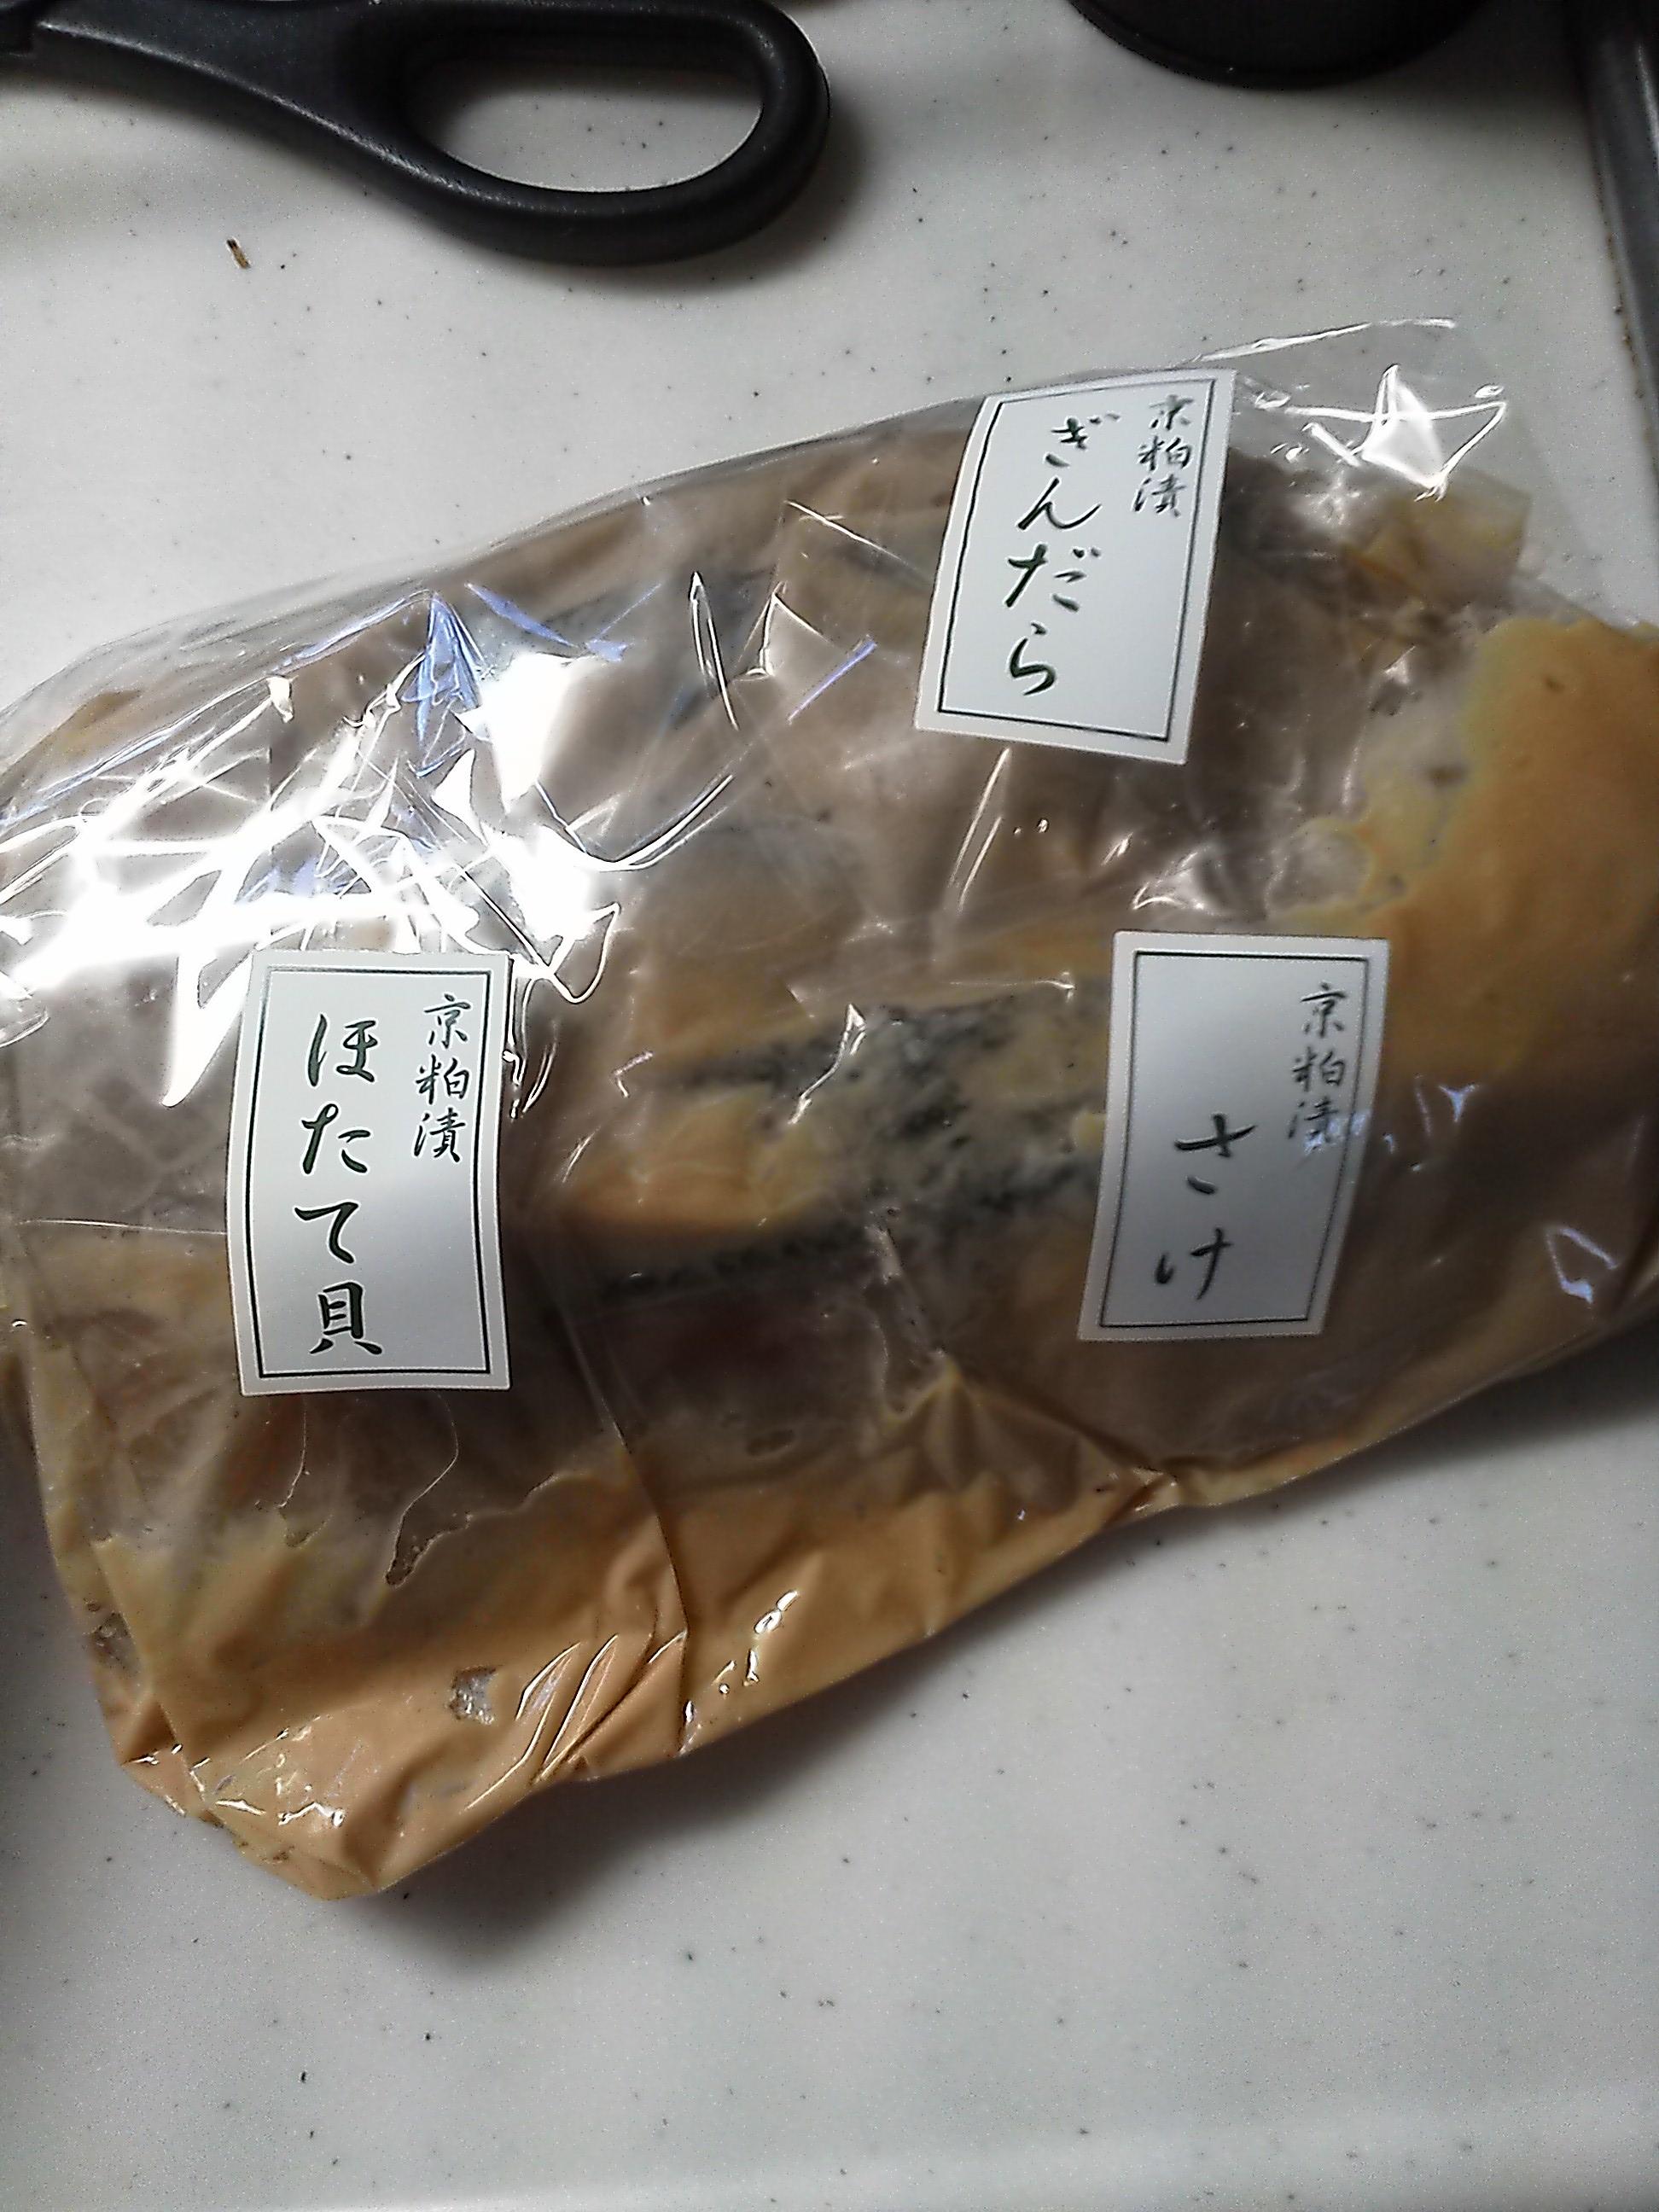 人形町 魚久 京粕漬 ぎんだら さけ ほたて